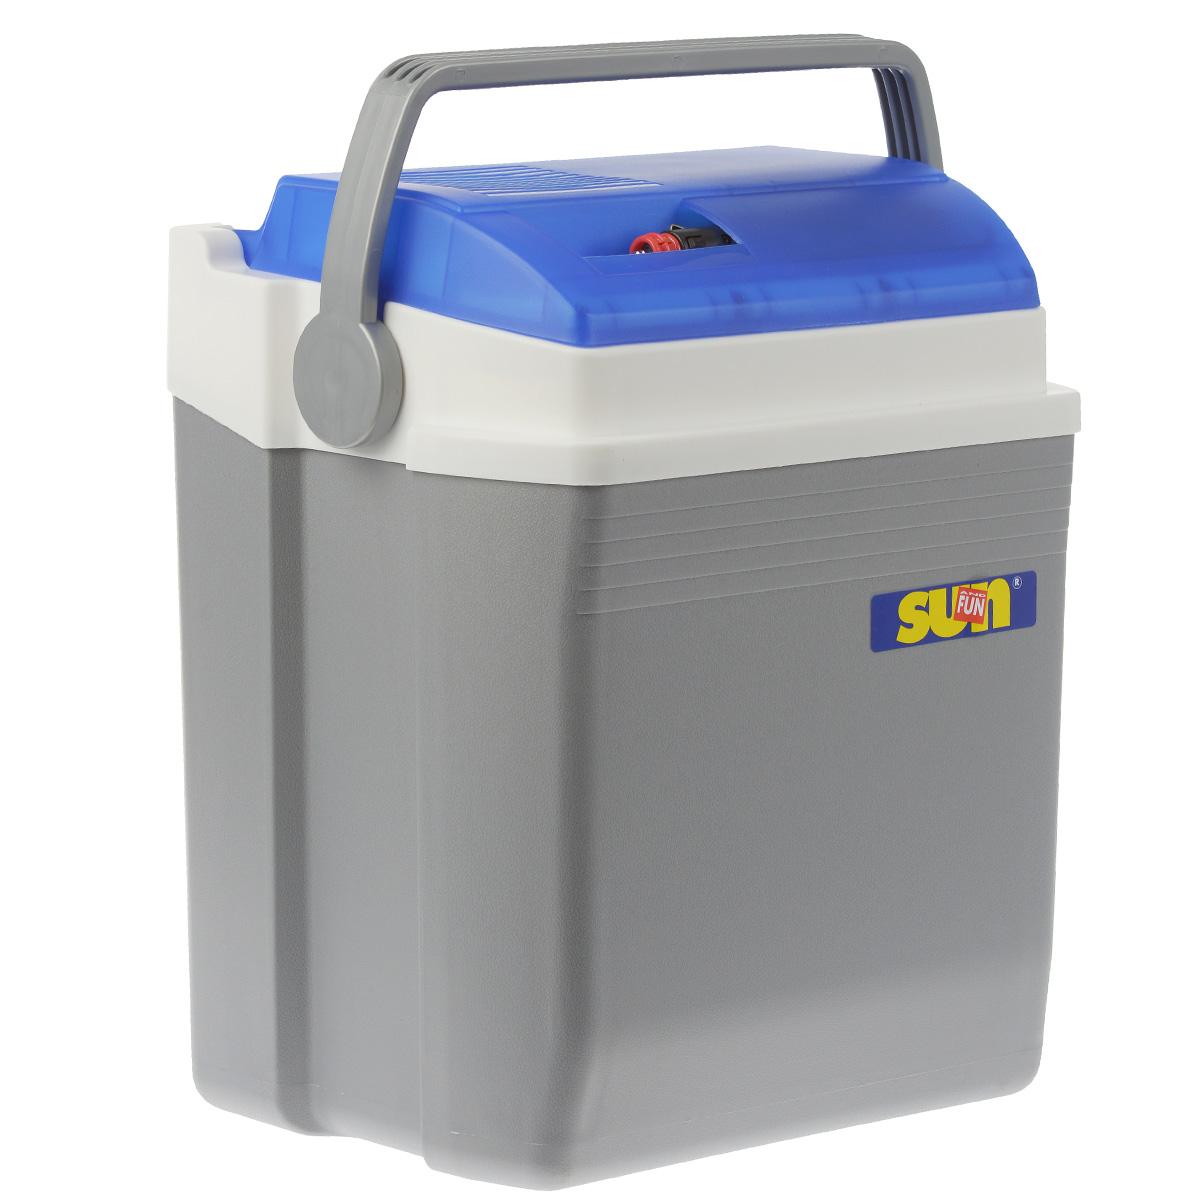 Автомобильный холодильник Ezetil E, цвет: голубой, серый, 21 л